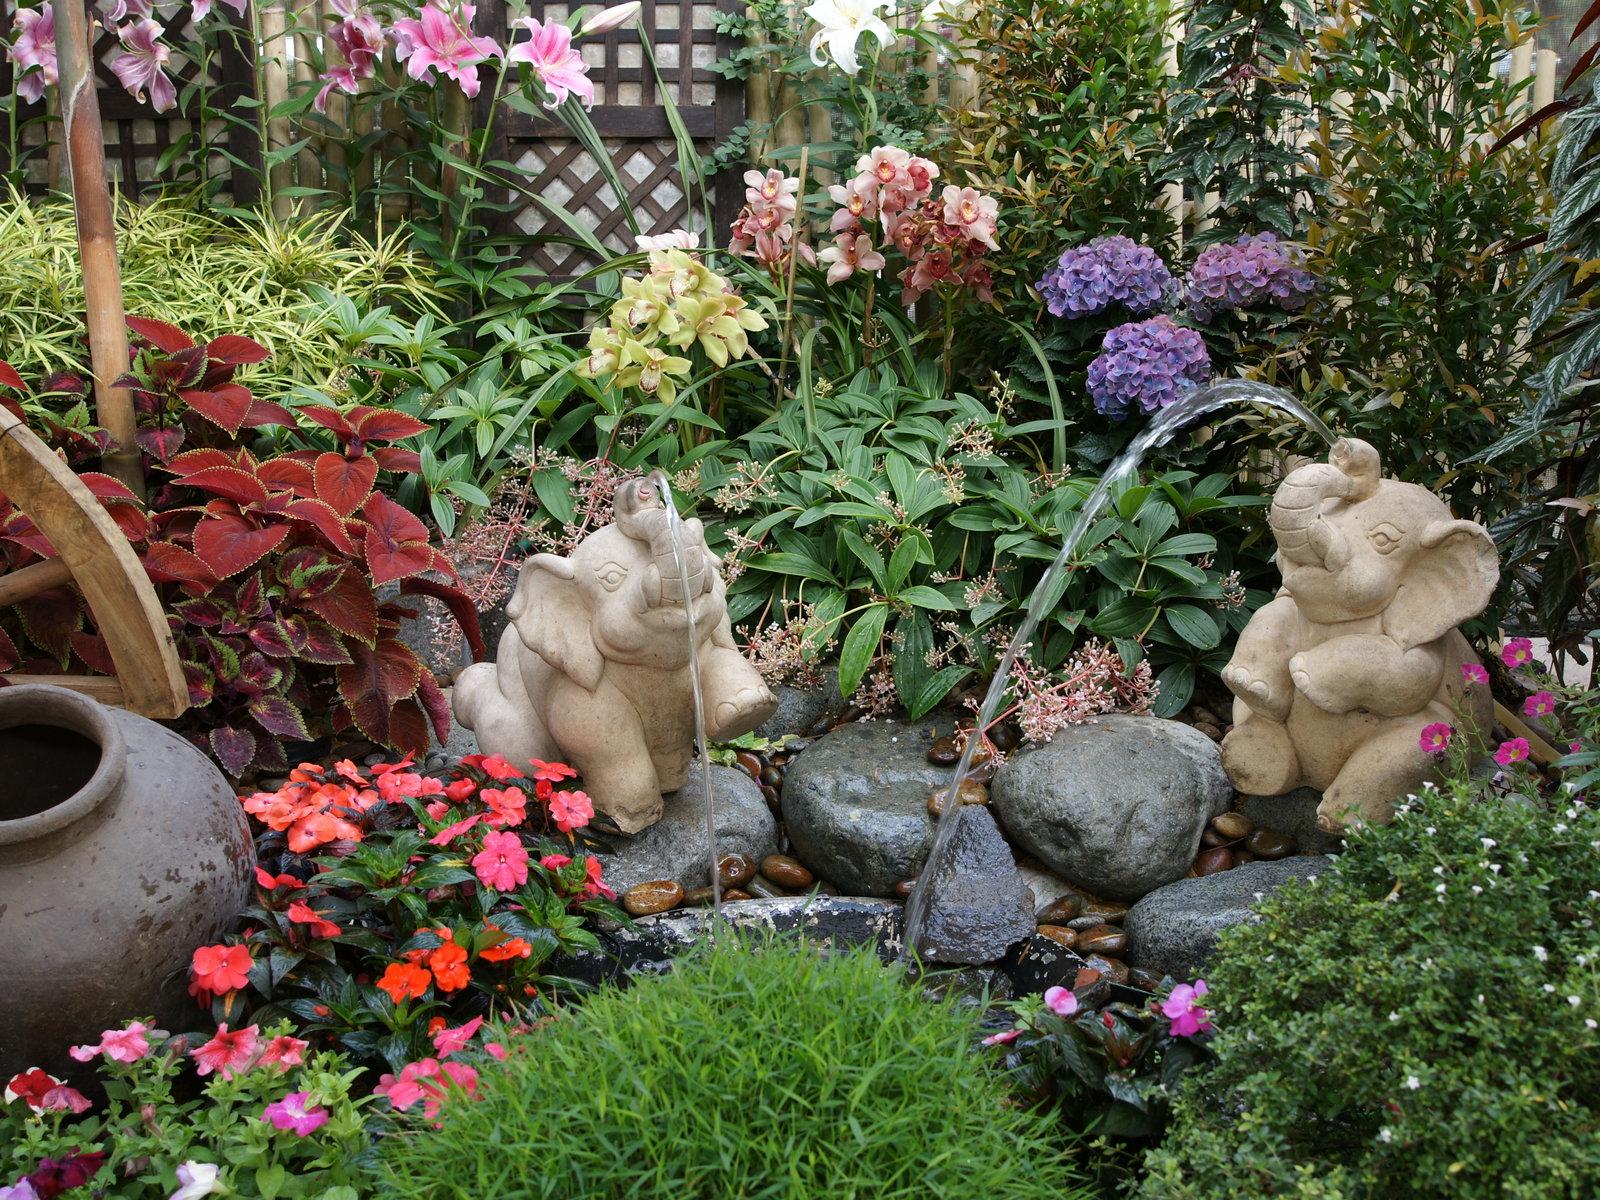 http://4.bp.blogspot.com/_hl42lHRHNXI/TU4obxCDJyI/AAAAAAAAAFg/KwGW9T-z_Gs/s1600/flower_garden-dsc00910.jpg